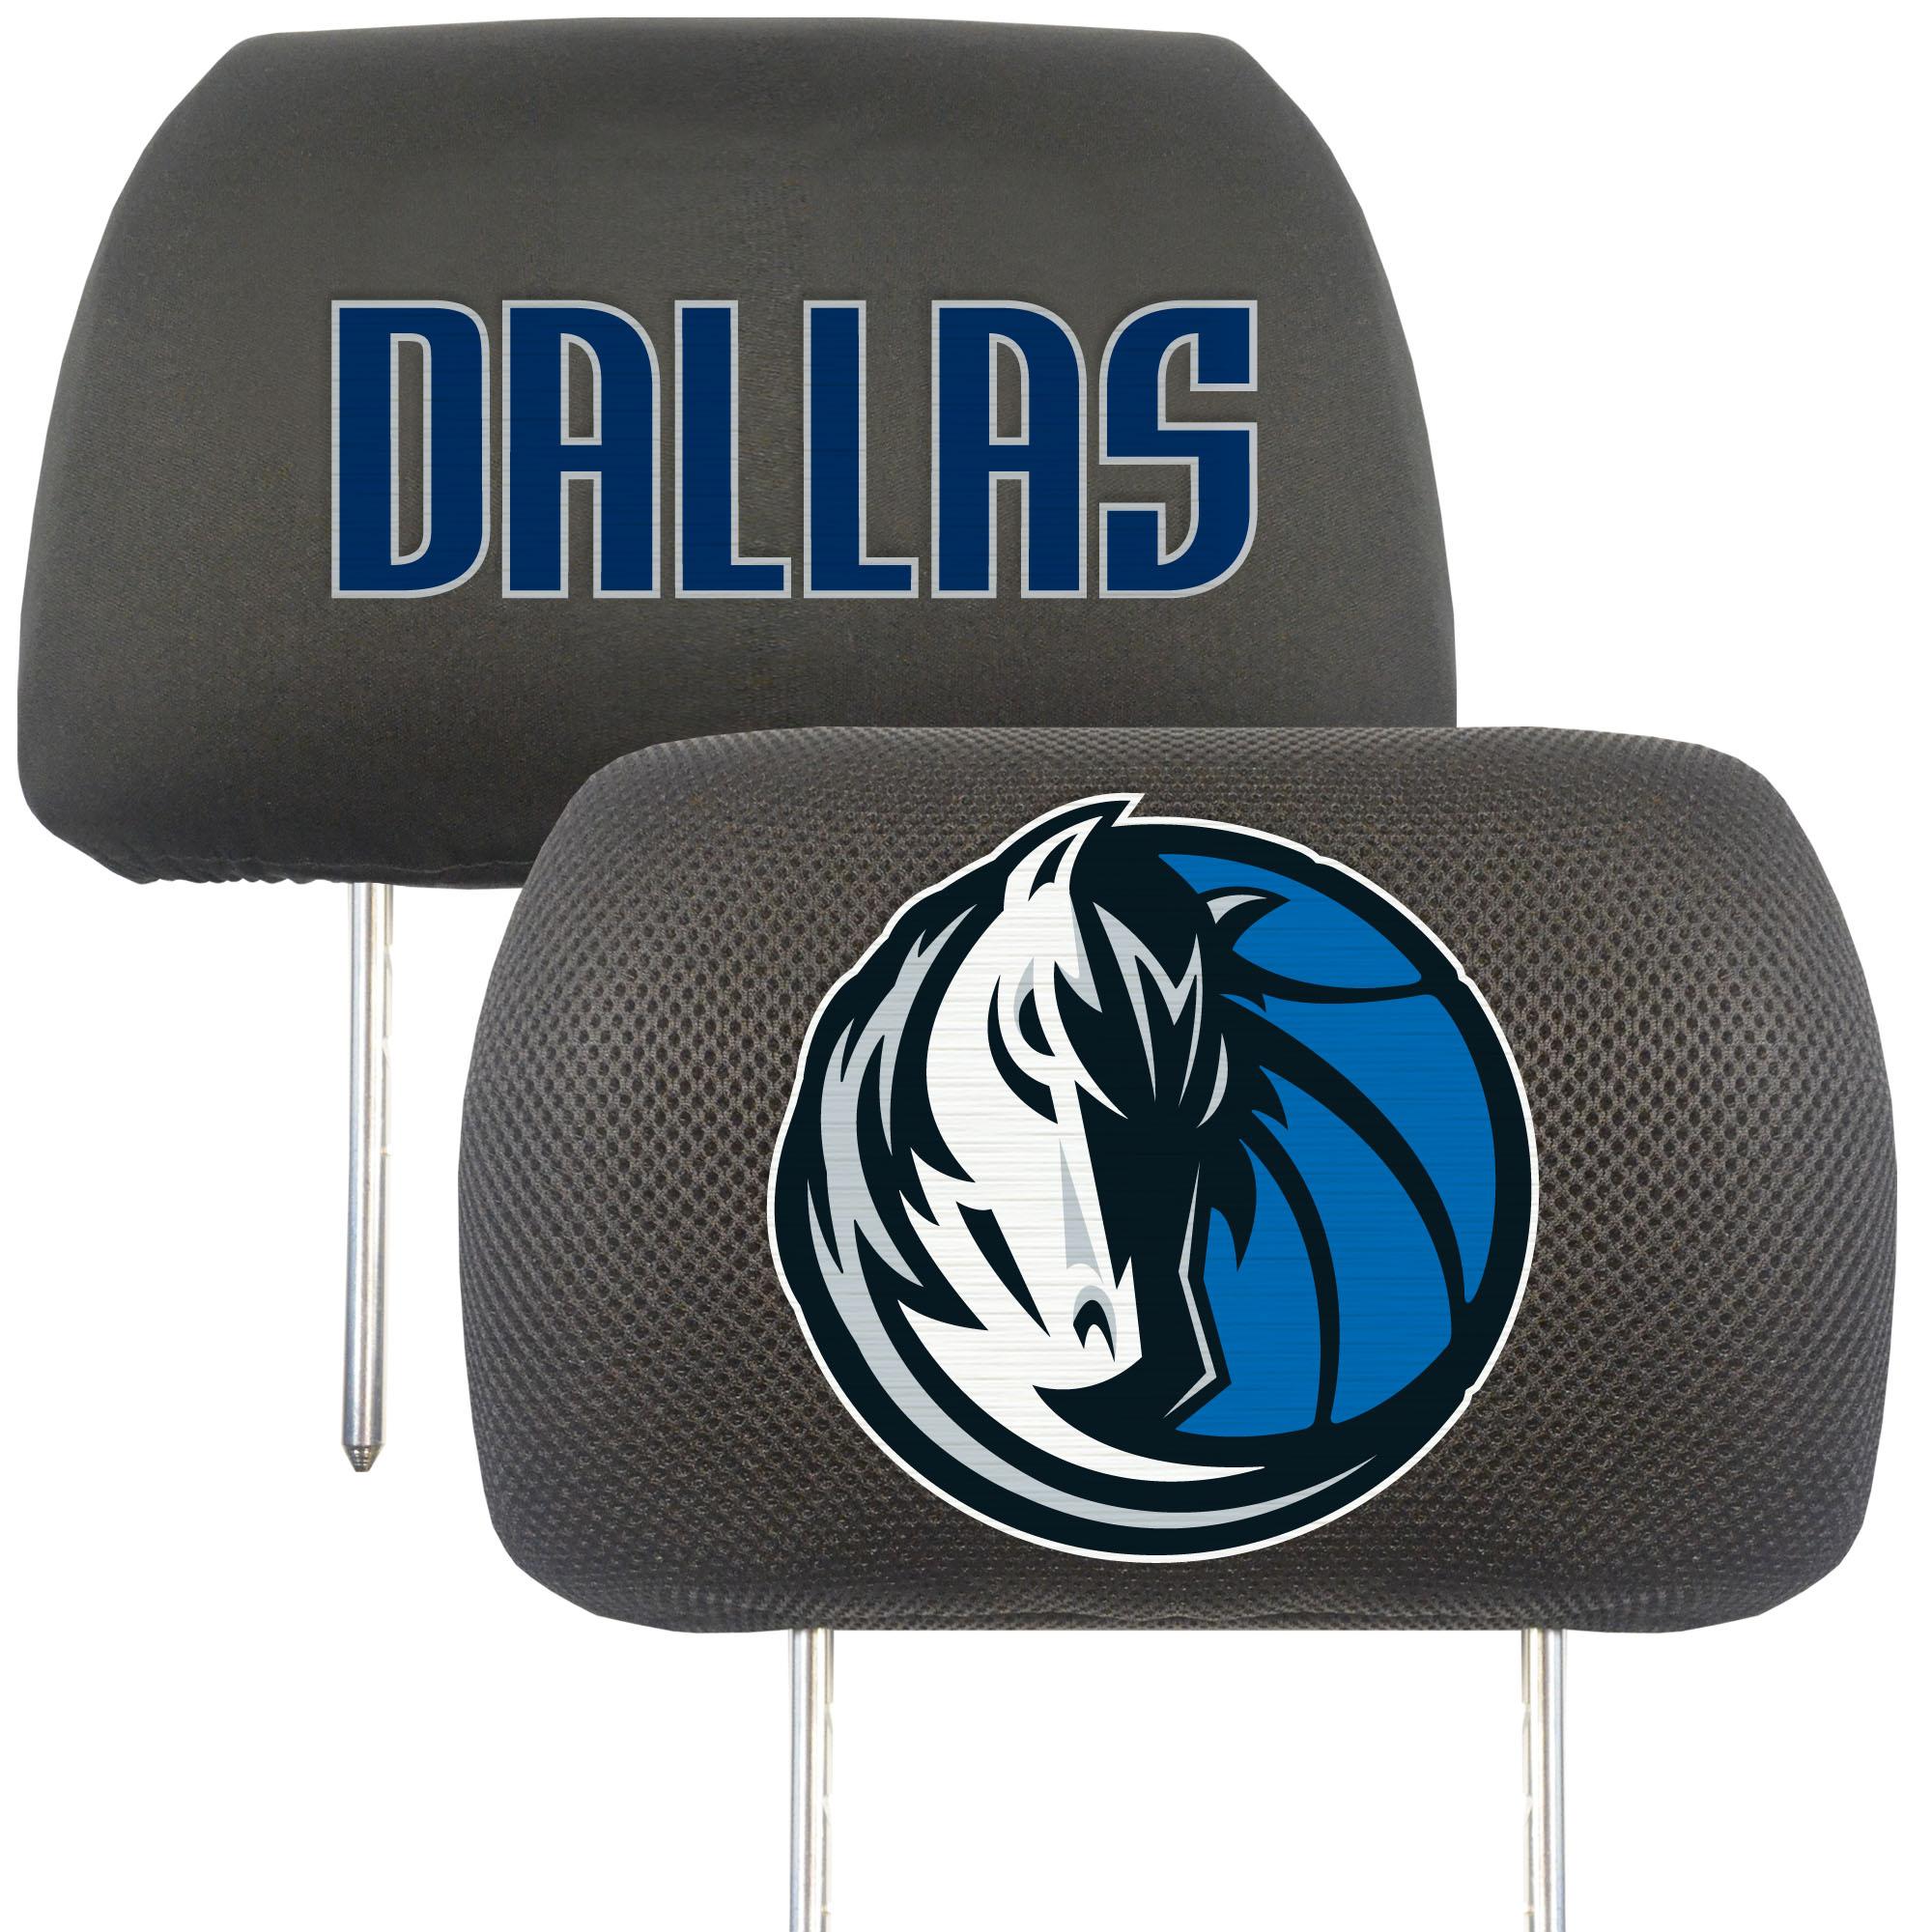 NBA Dallas Mavericks Head Rest Cover Automotive Accessory